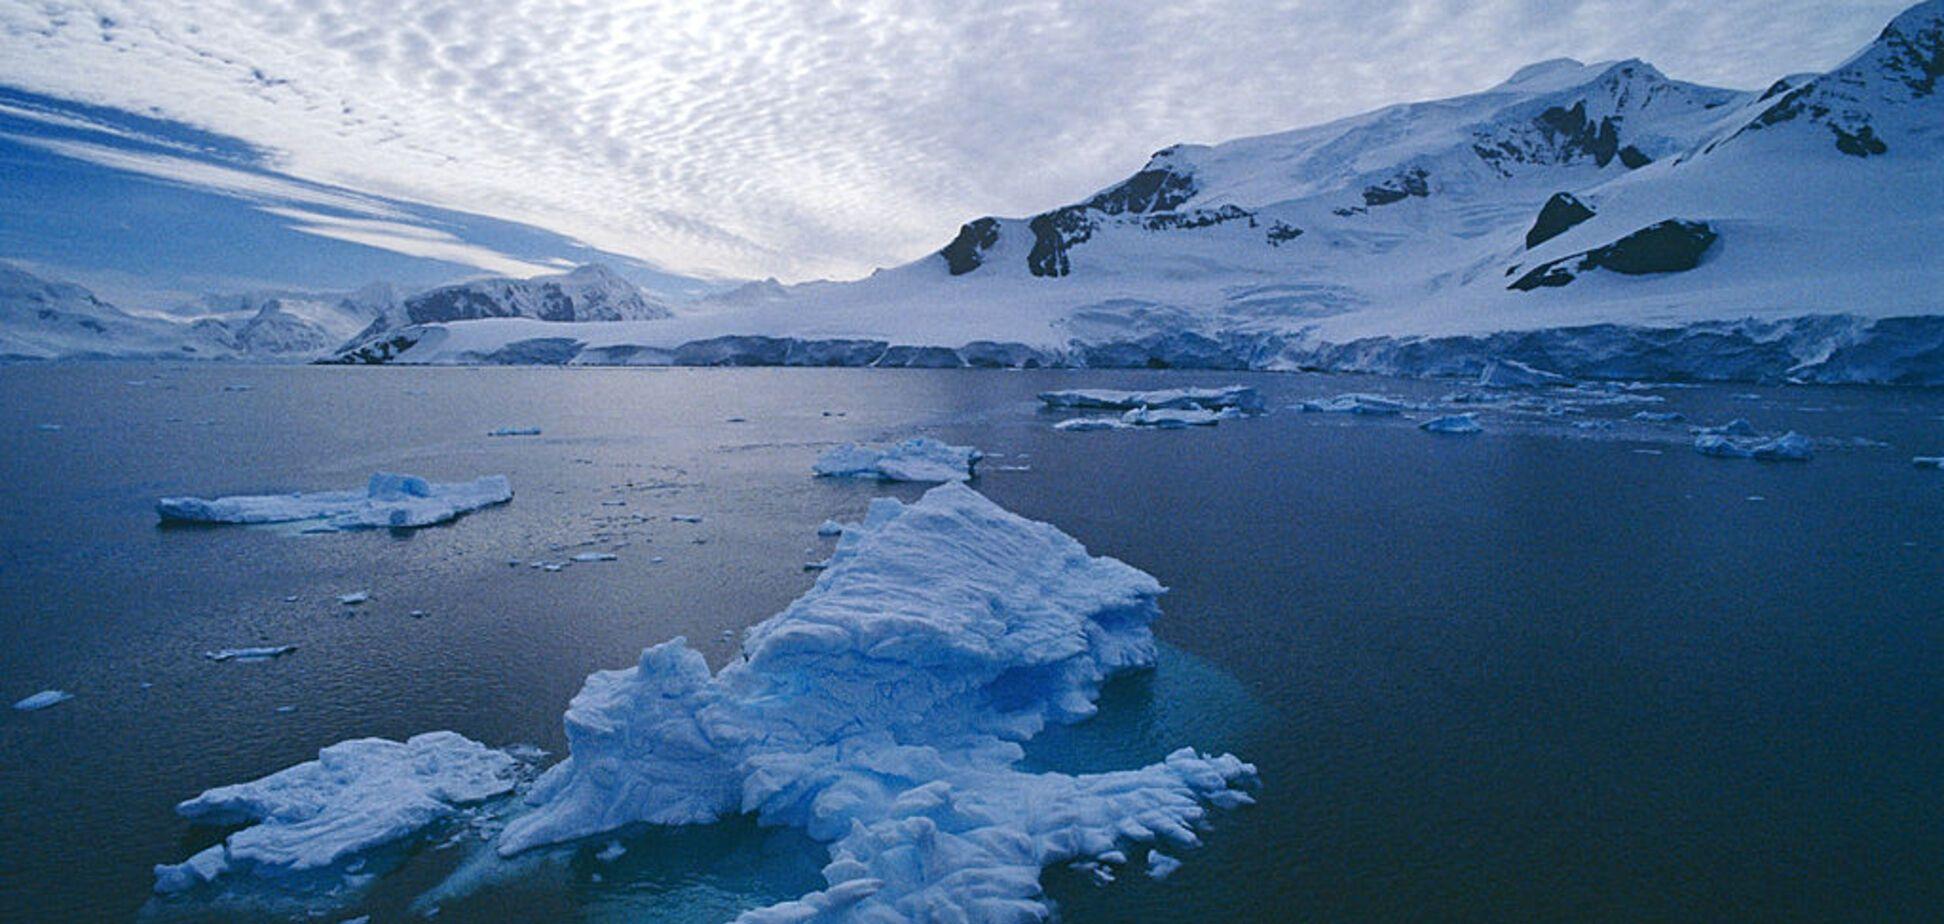 Под льдами Антарктиды обнаружена находка, которая может угрожать всему человечеству